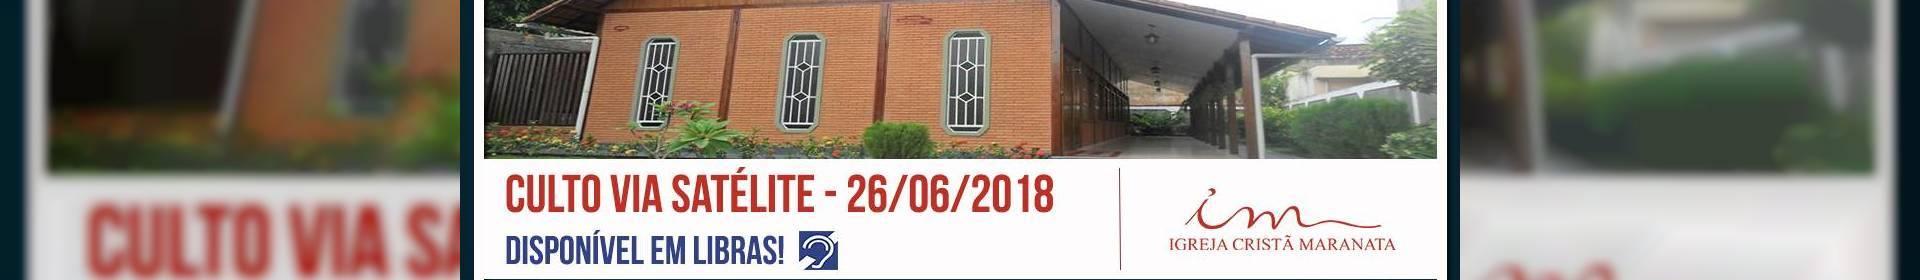 Culto via satélite da Igreja Cristã Maranata - 26/06/2018